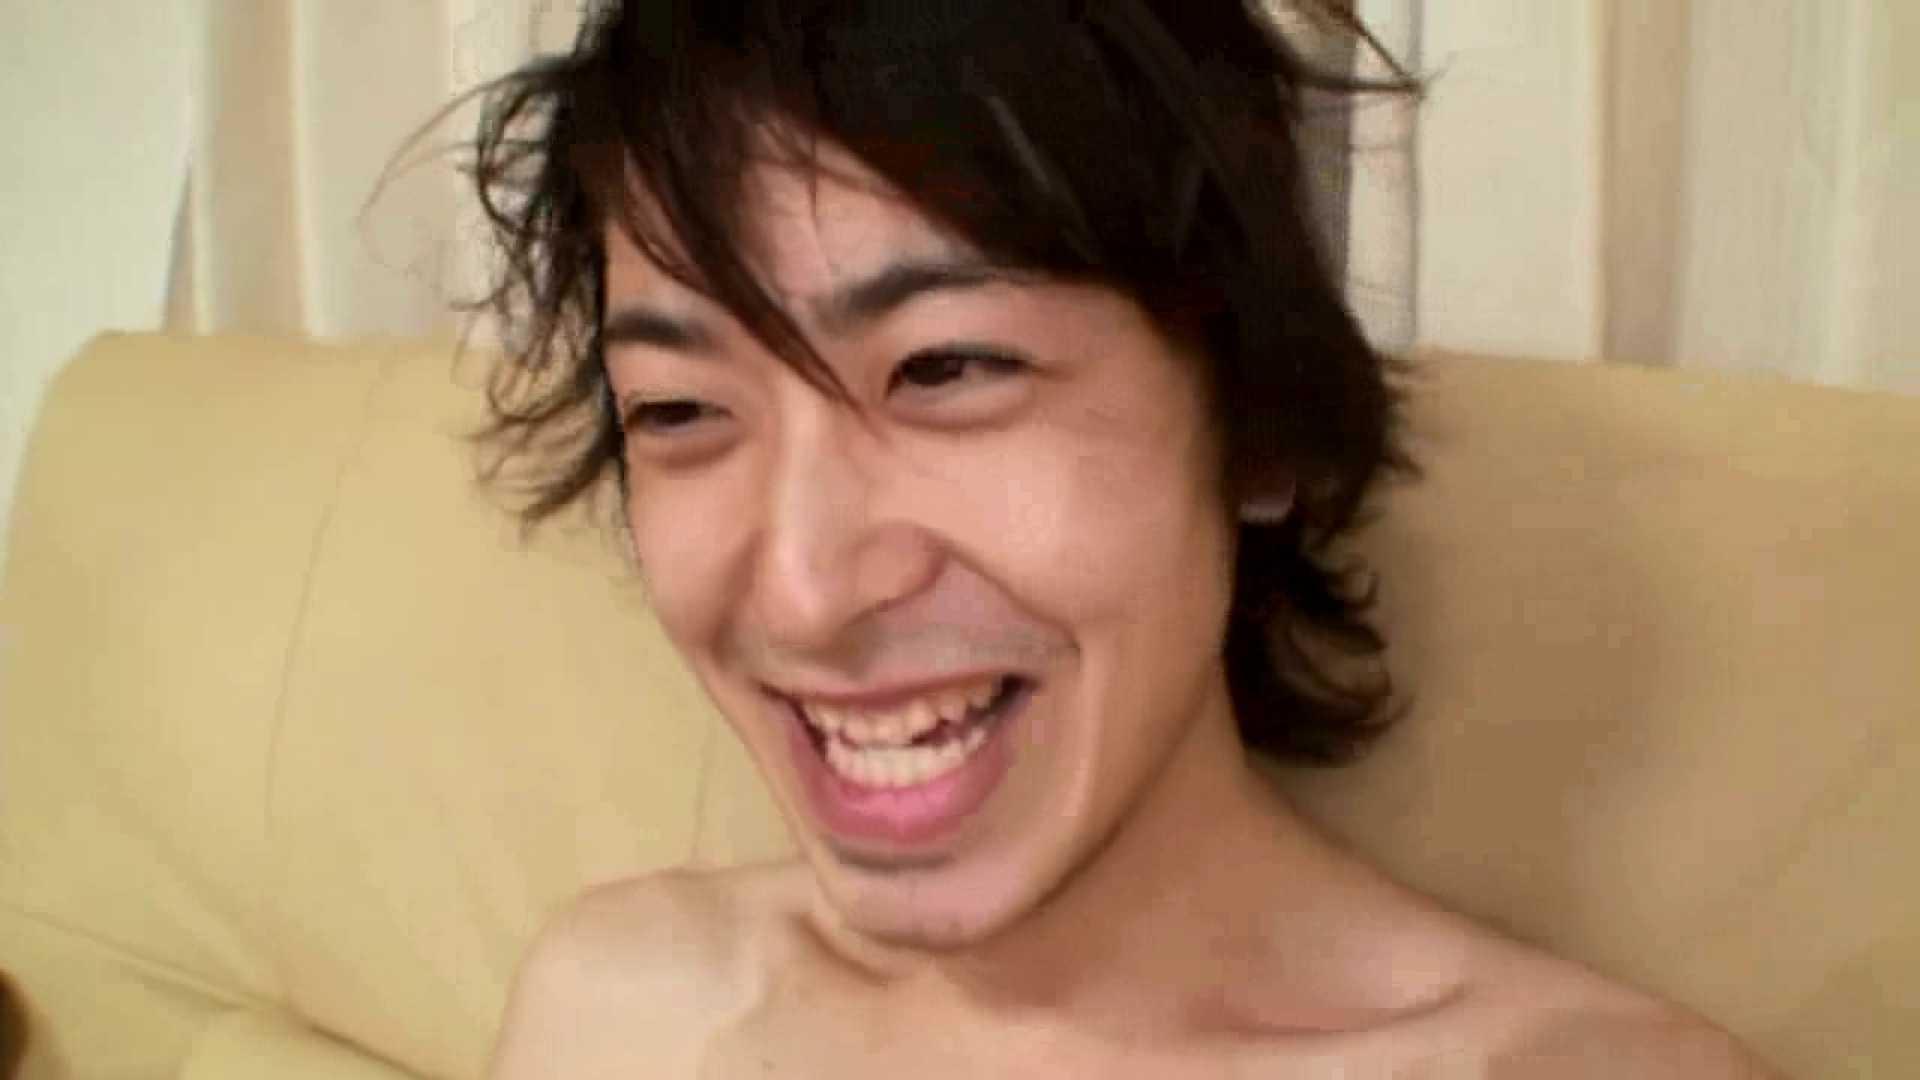 ノンケ!自慰スタジオ No.21 仰天アナル ゲイフリーエロ画像 107pic 23